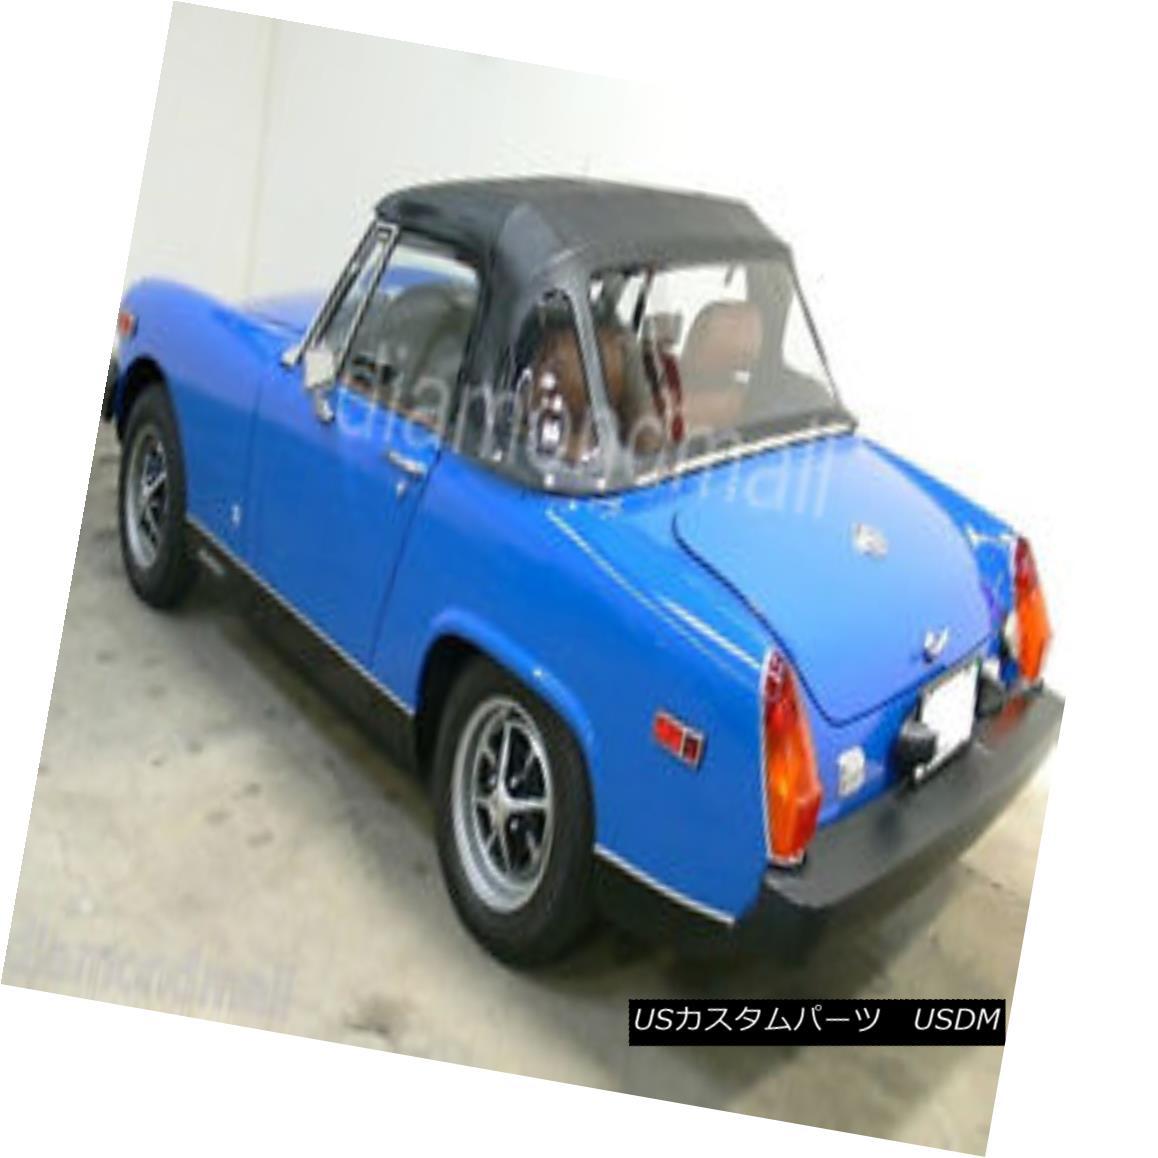 幌・ソフトトップ MG Midget Convertible Soft Top With 3 Plastic Windows 1970-1980 Black Vinyl MGミゼットコンバーチブルソフトトップ3プラスチック製ウィンドウ1970-1980ブラックビニール